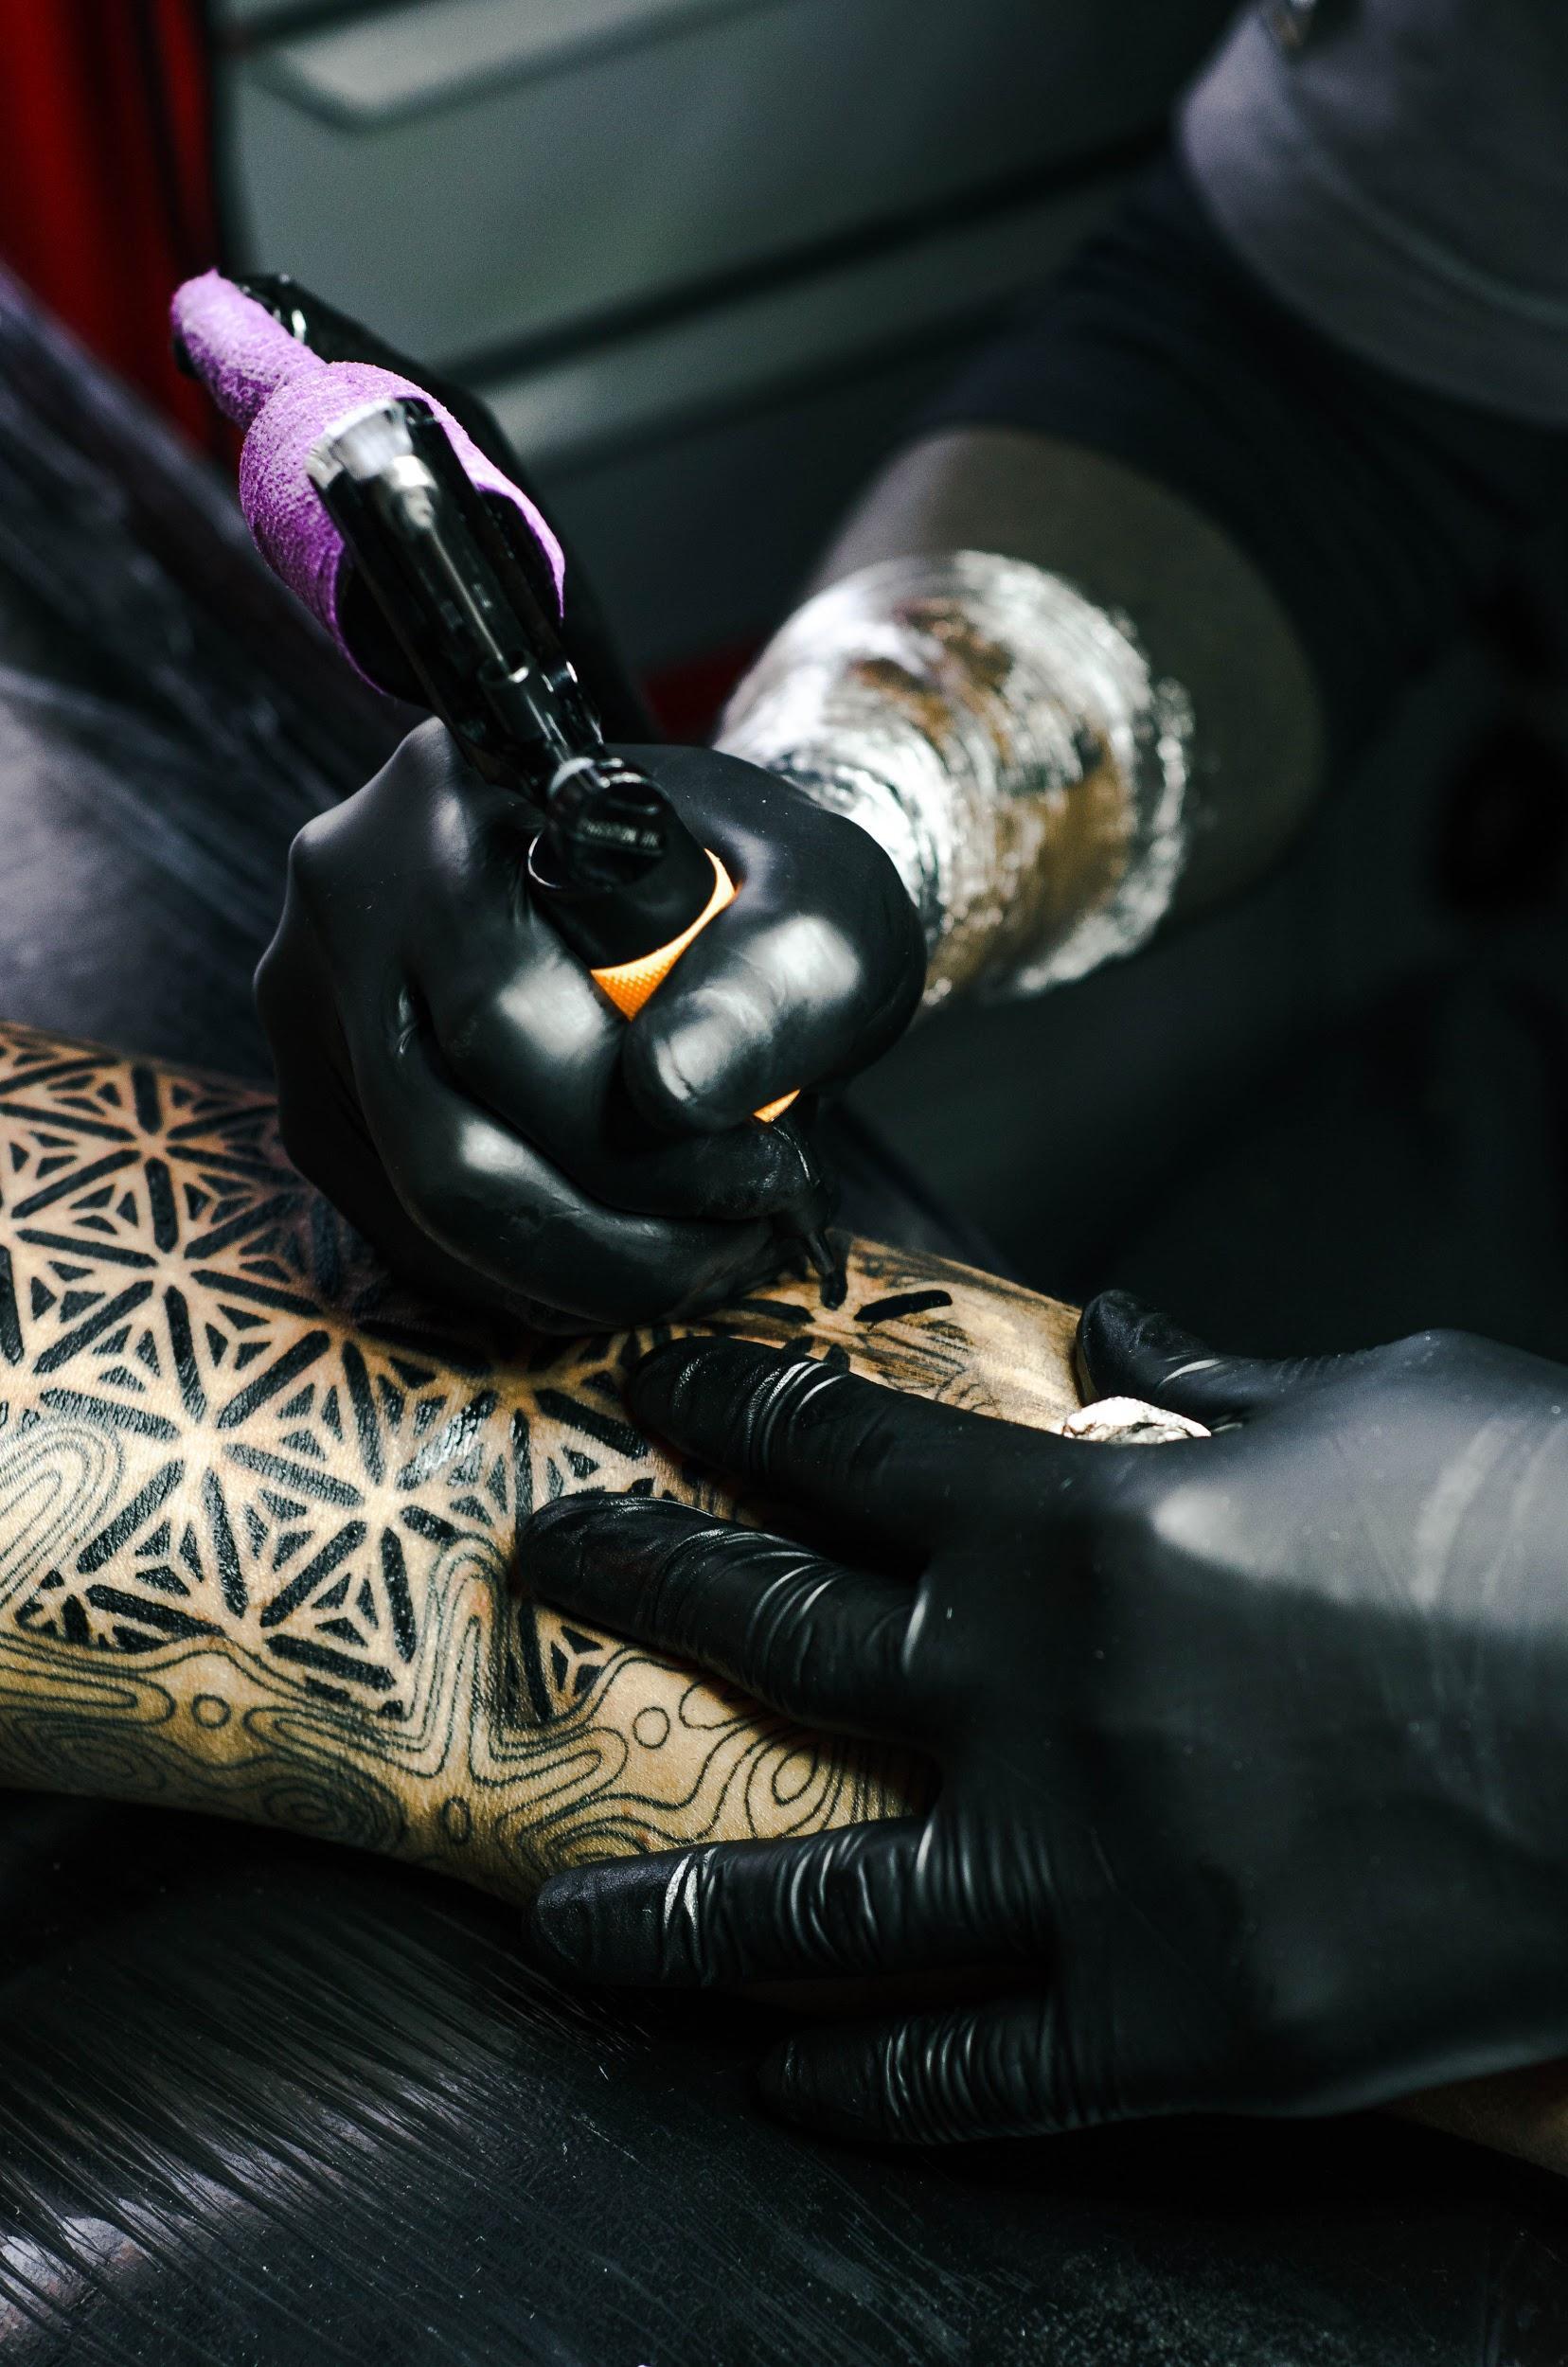 5 Best Tattoo Shops in London